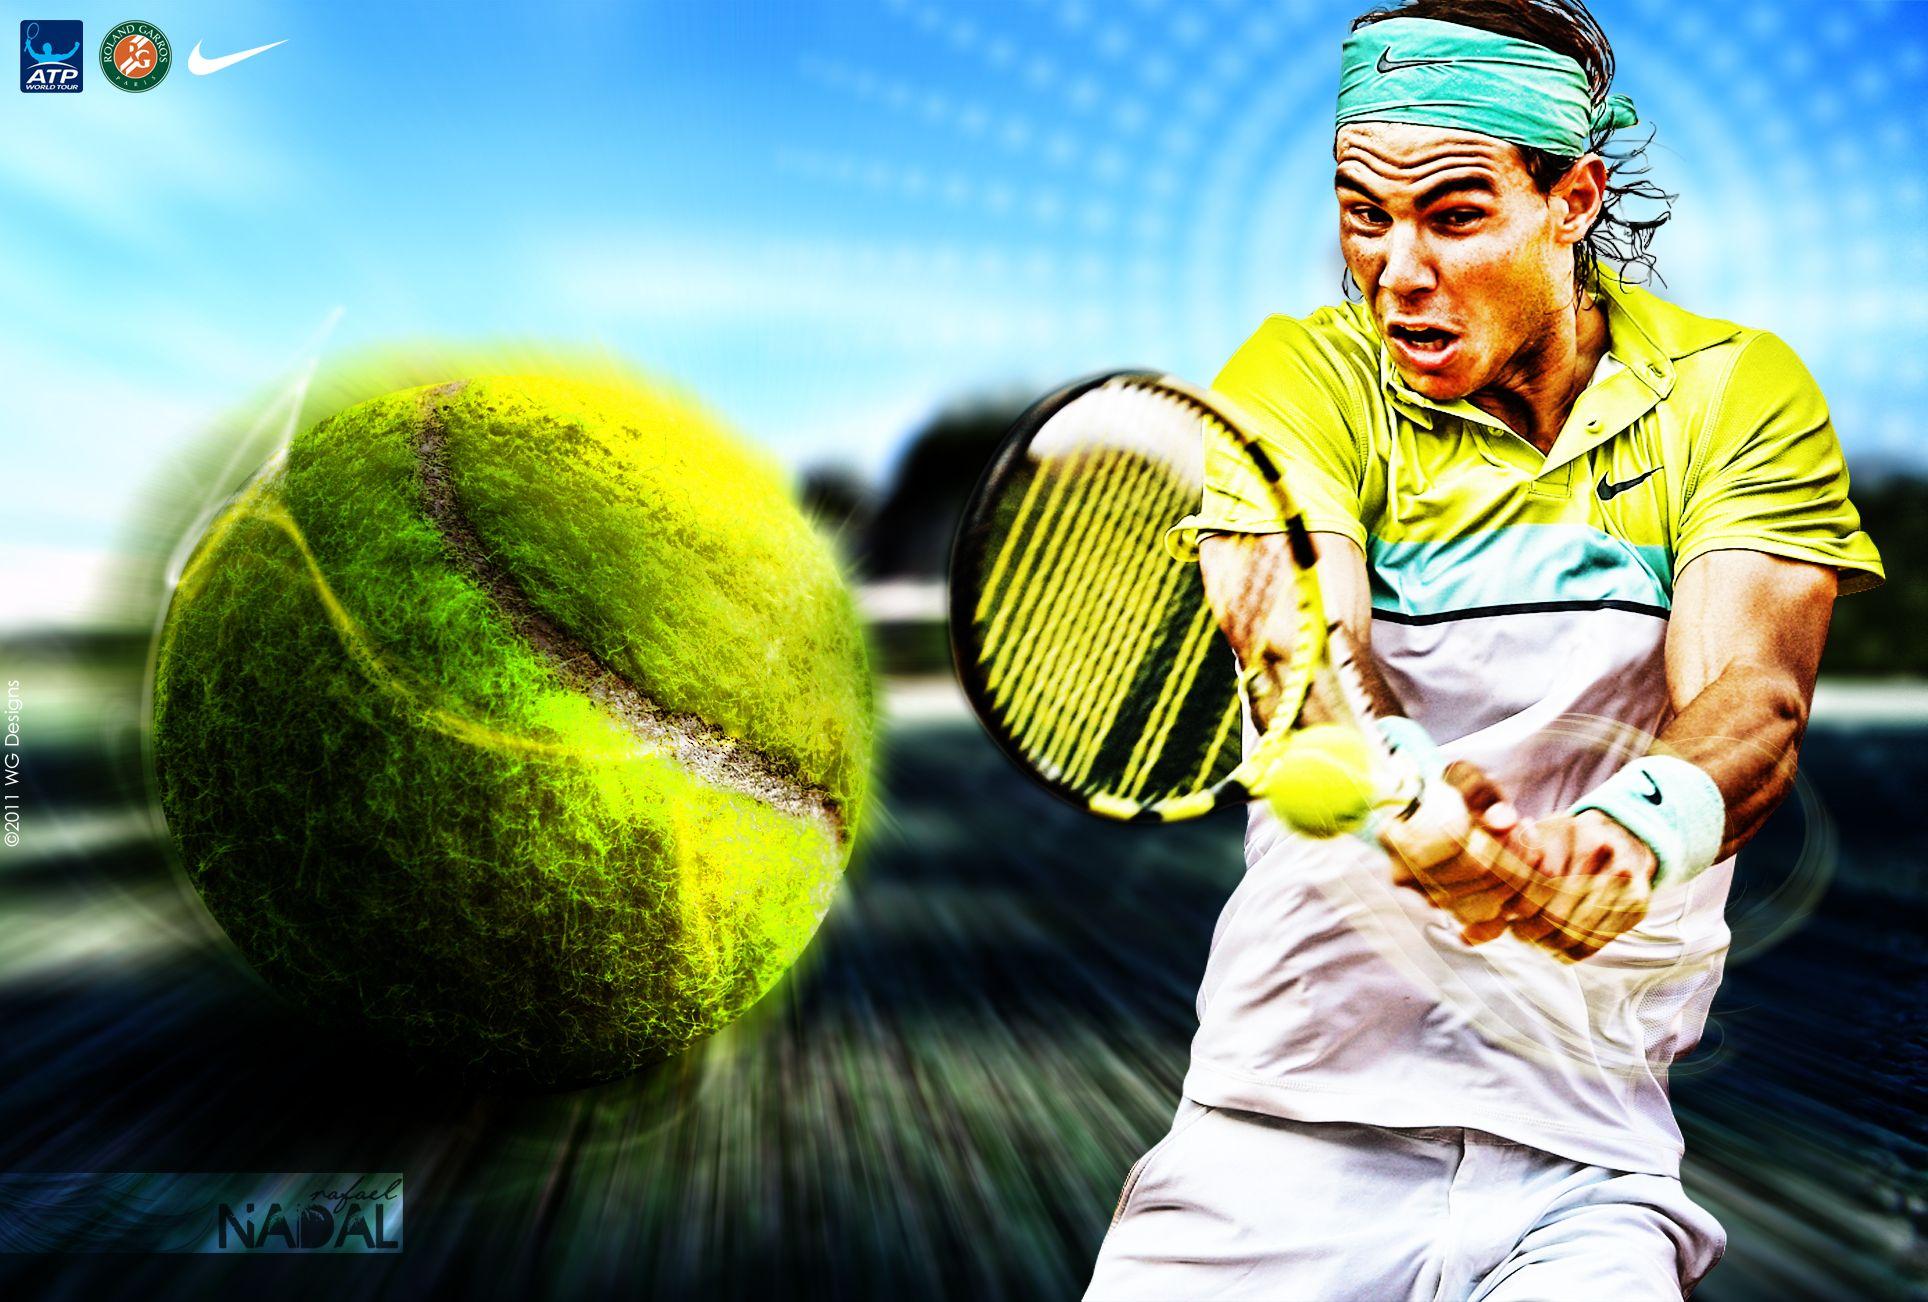 Tennis wallpaper hd